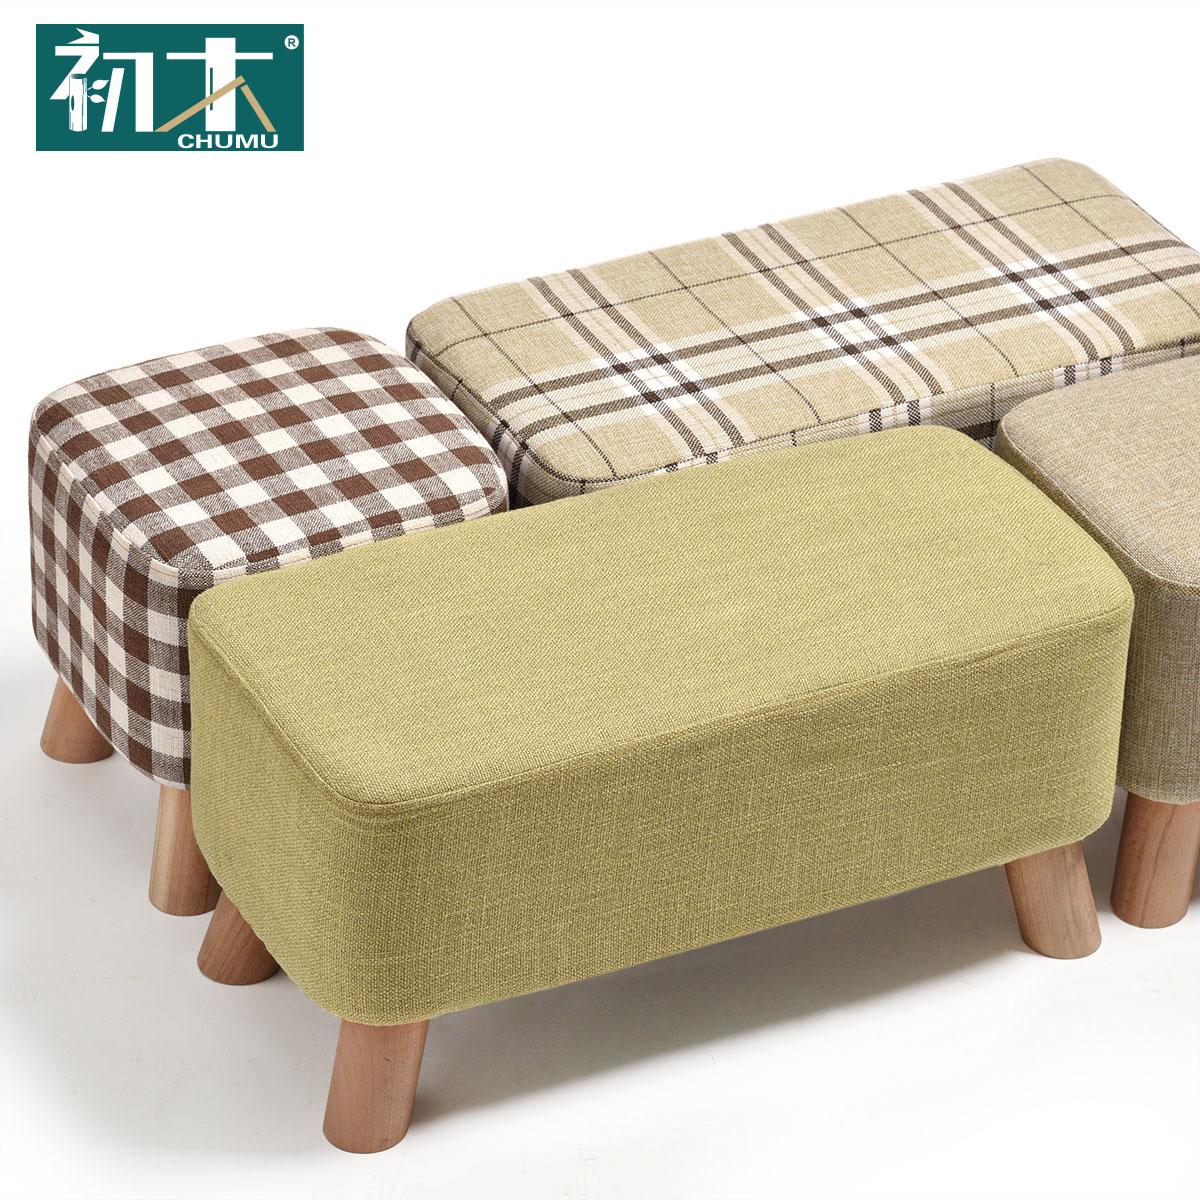 初木 小凳子布藝換鞋凳長凳試鞋凳實木腳凳條凳矮凳板凳沙發凳